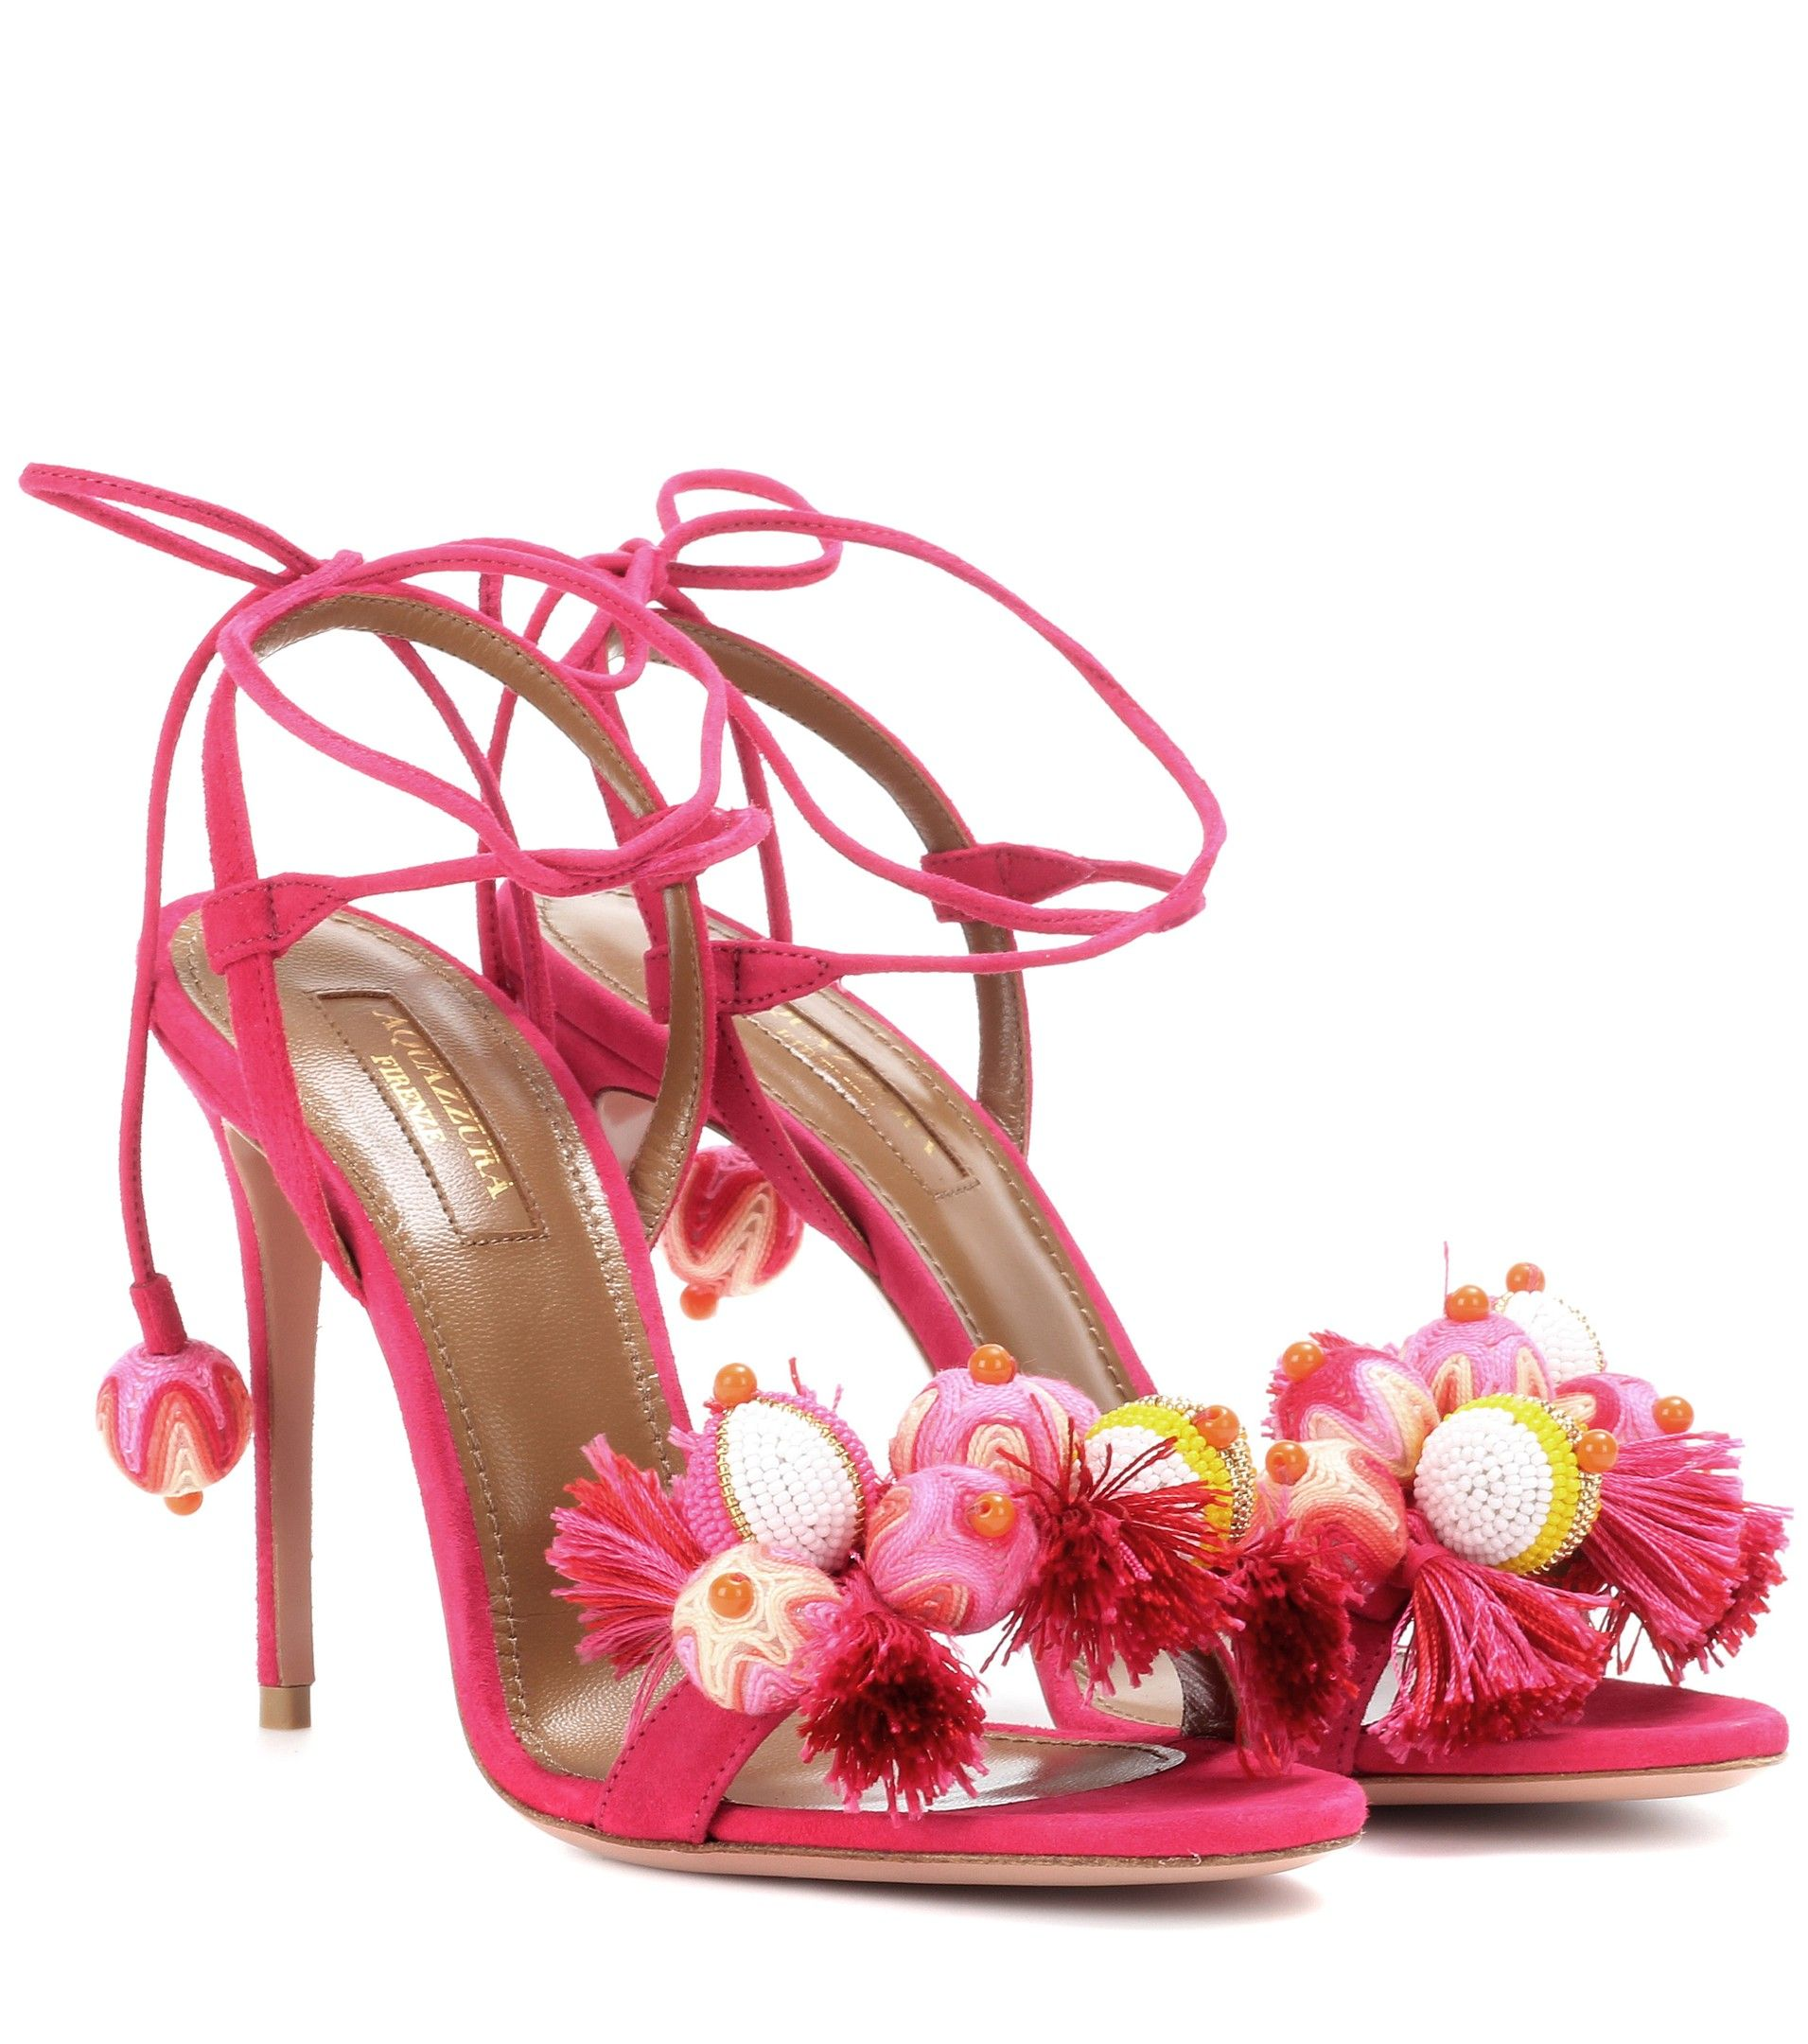 Aquazzura - Tropicana 105 suede sandals  3b9dce3c0ea2